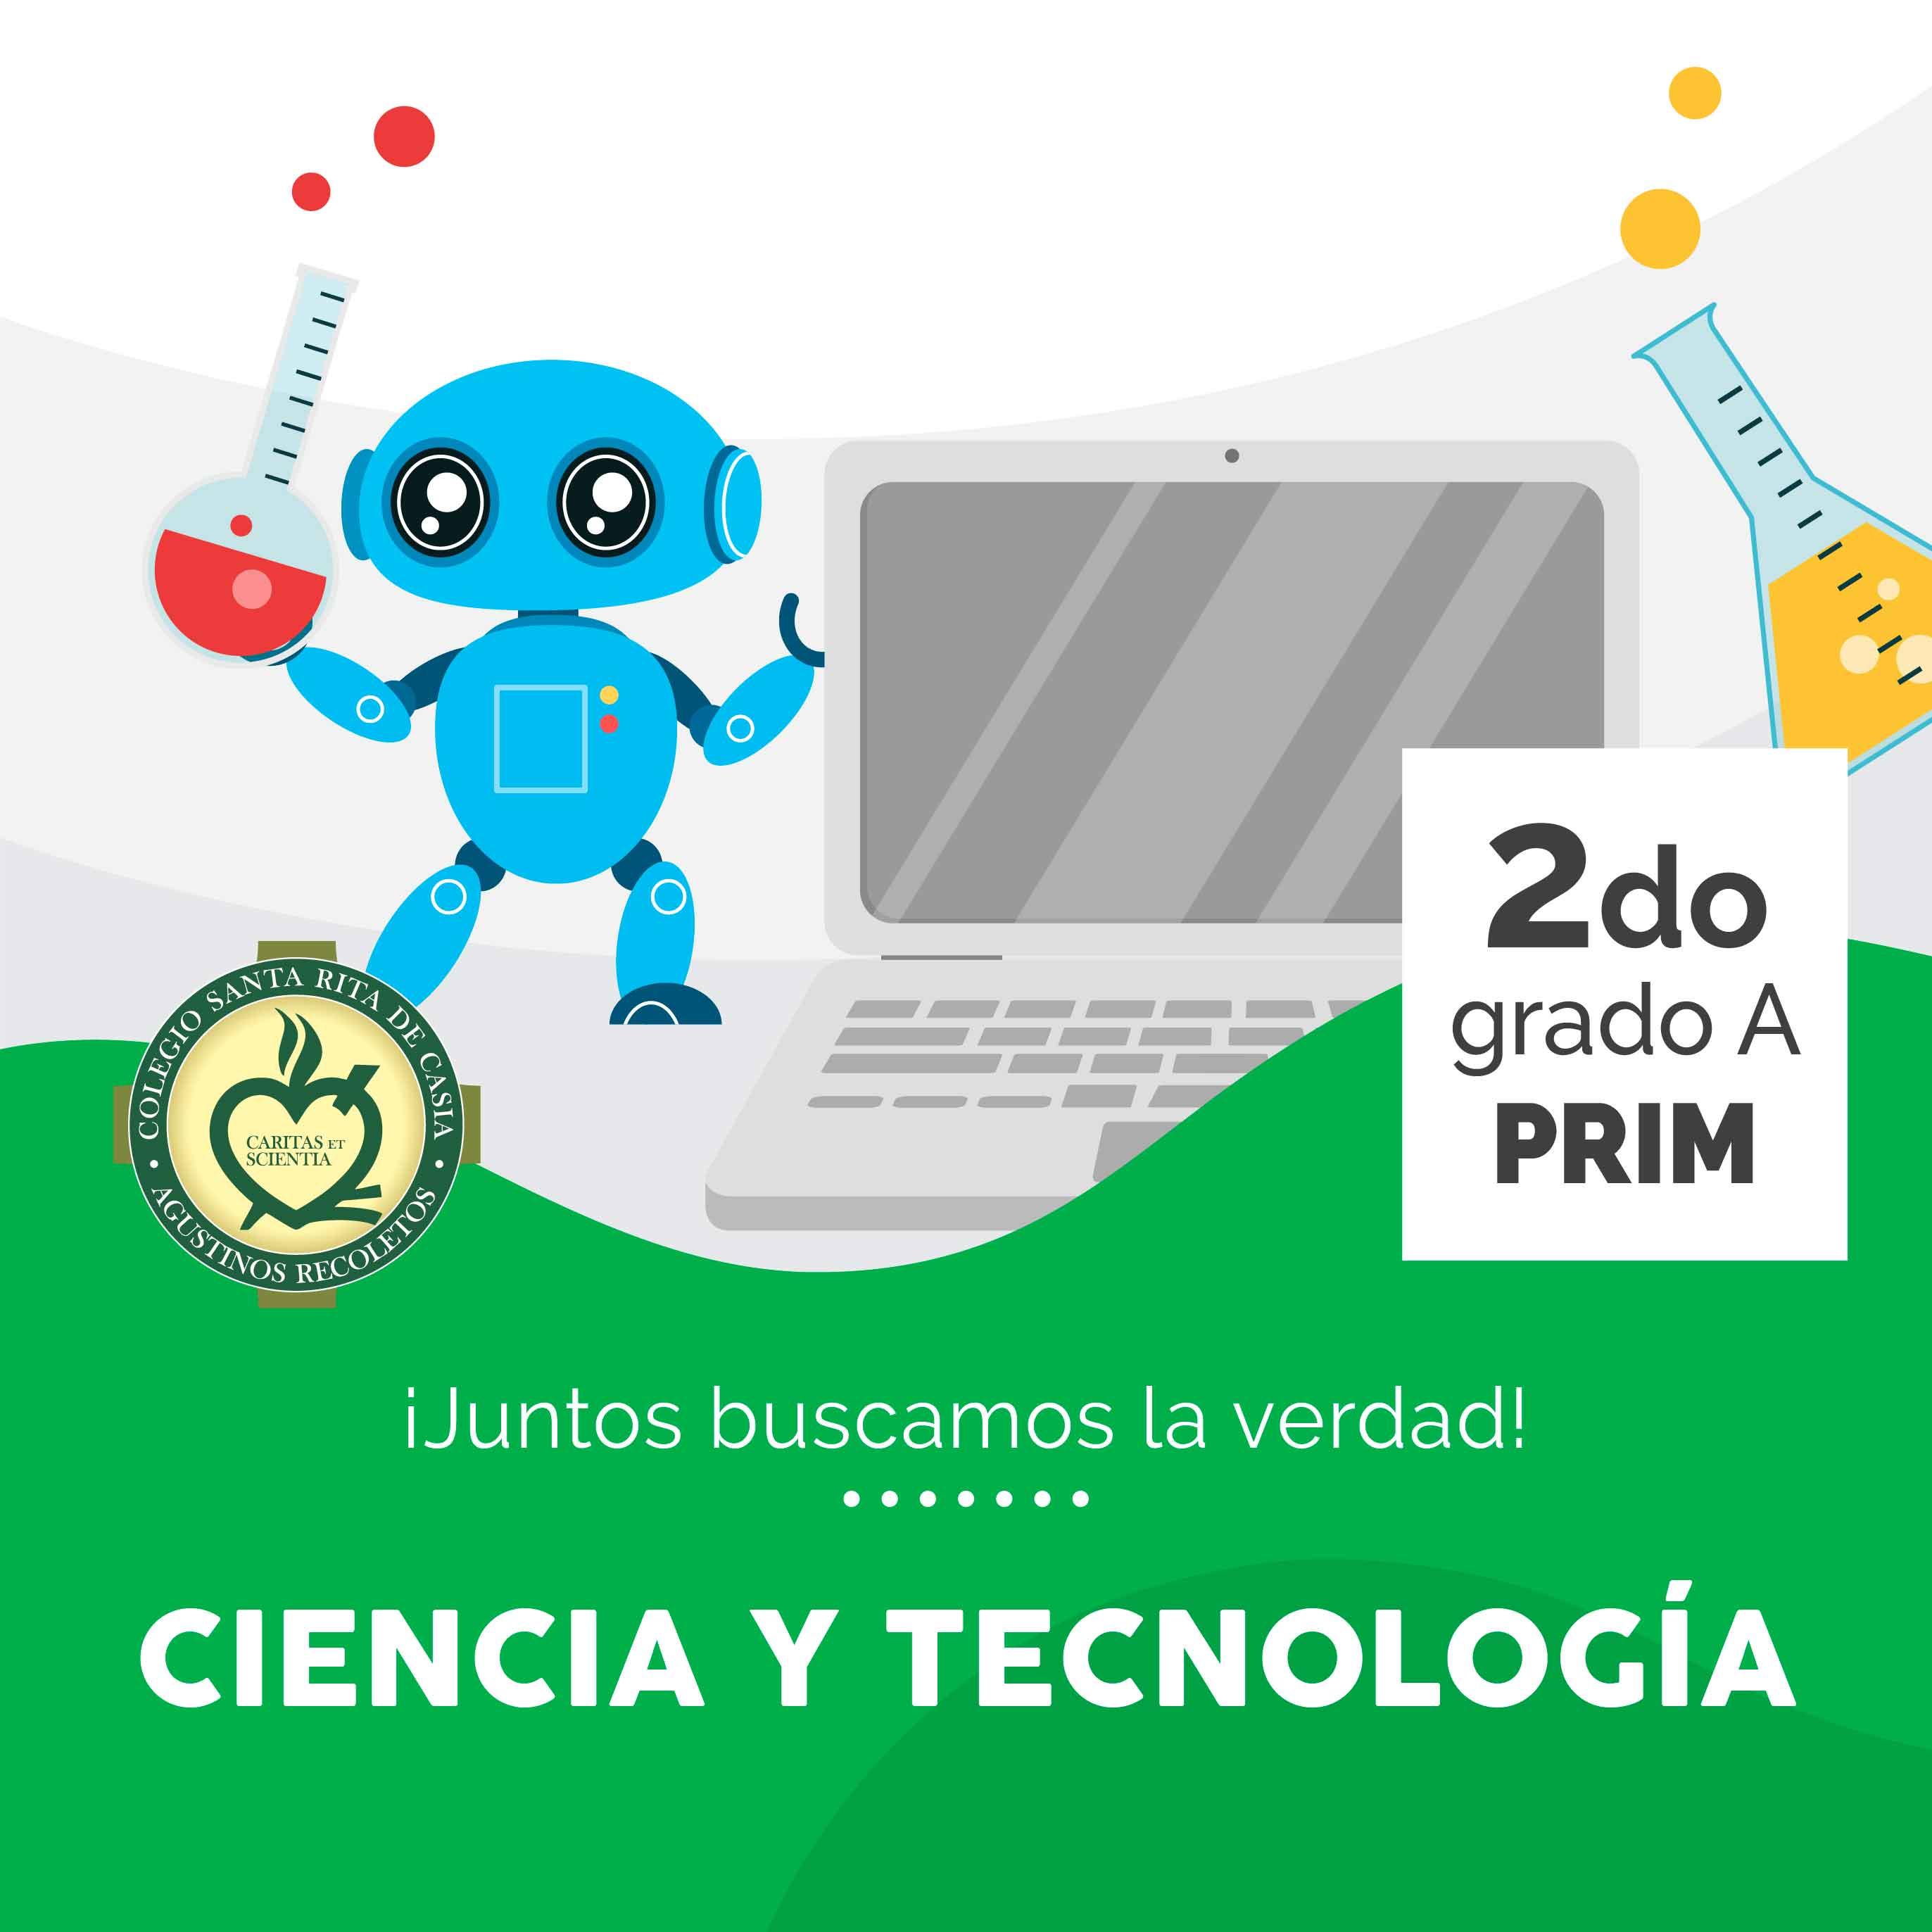 Ciencia y Tecnología 2do Grado A